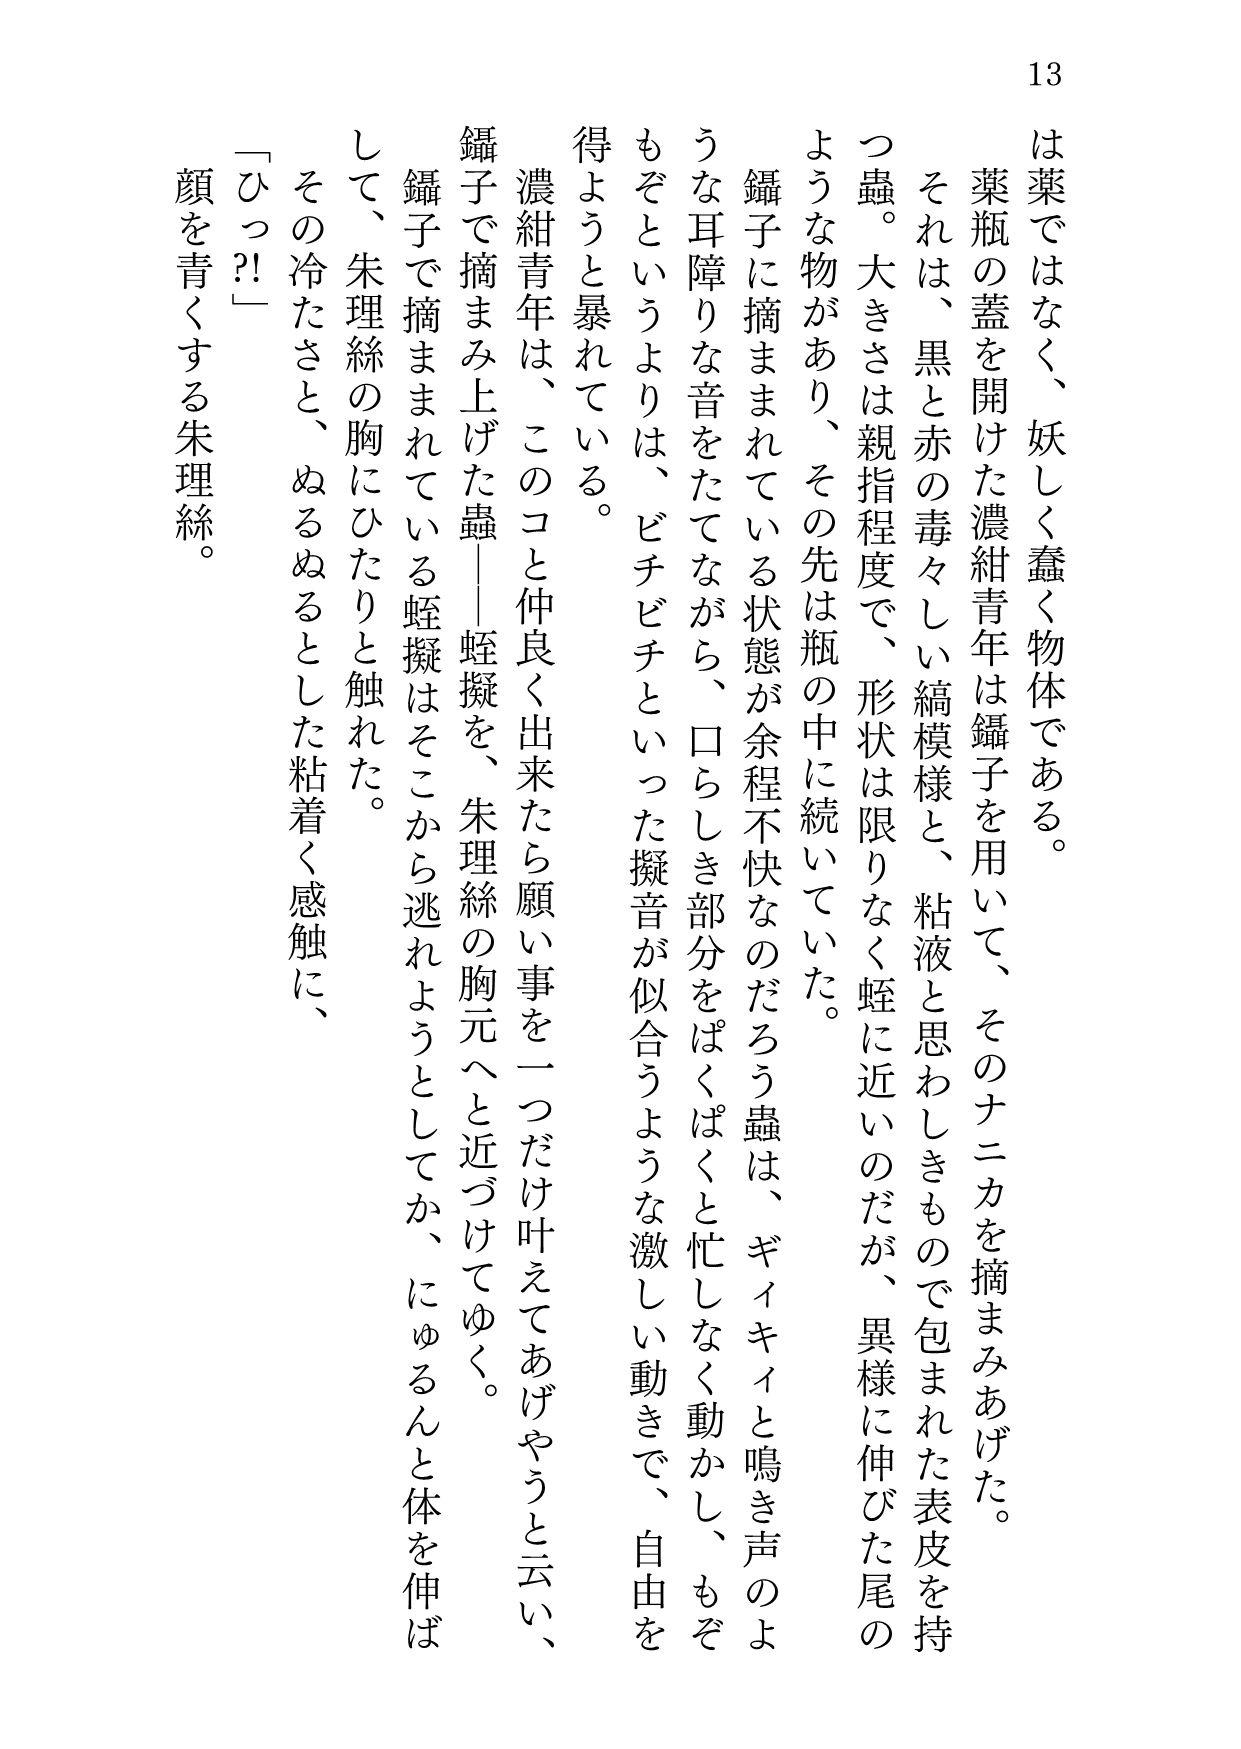 マナツニミルマヒルノユメのサンプル画像11